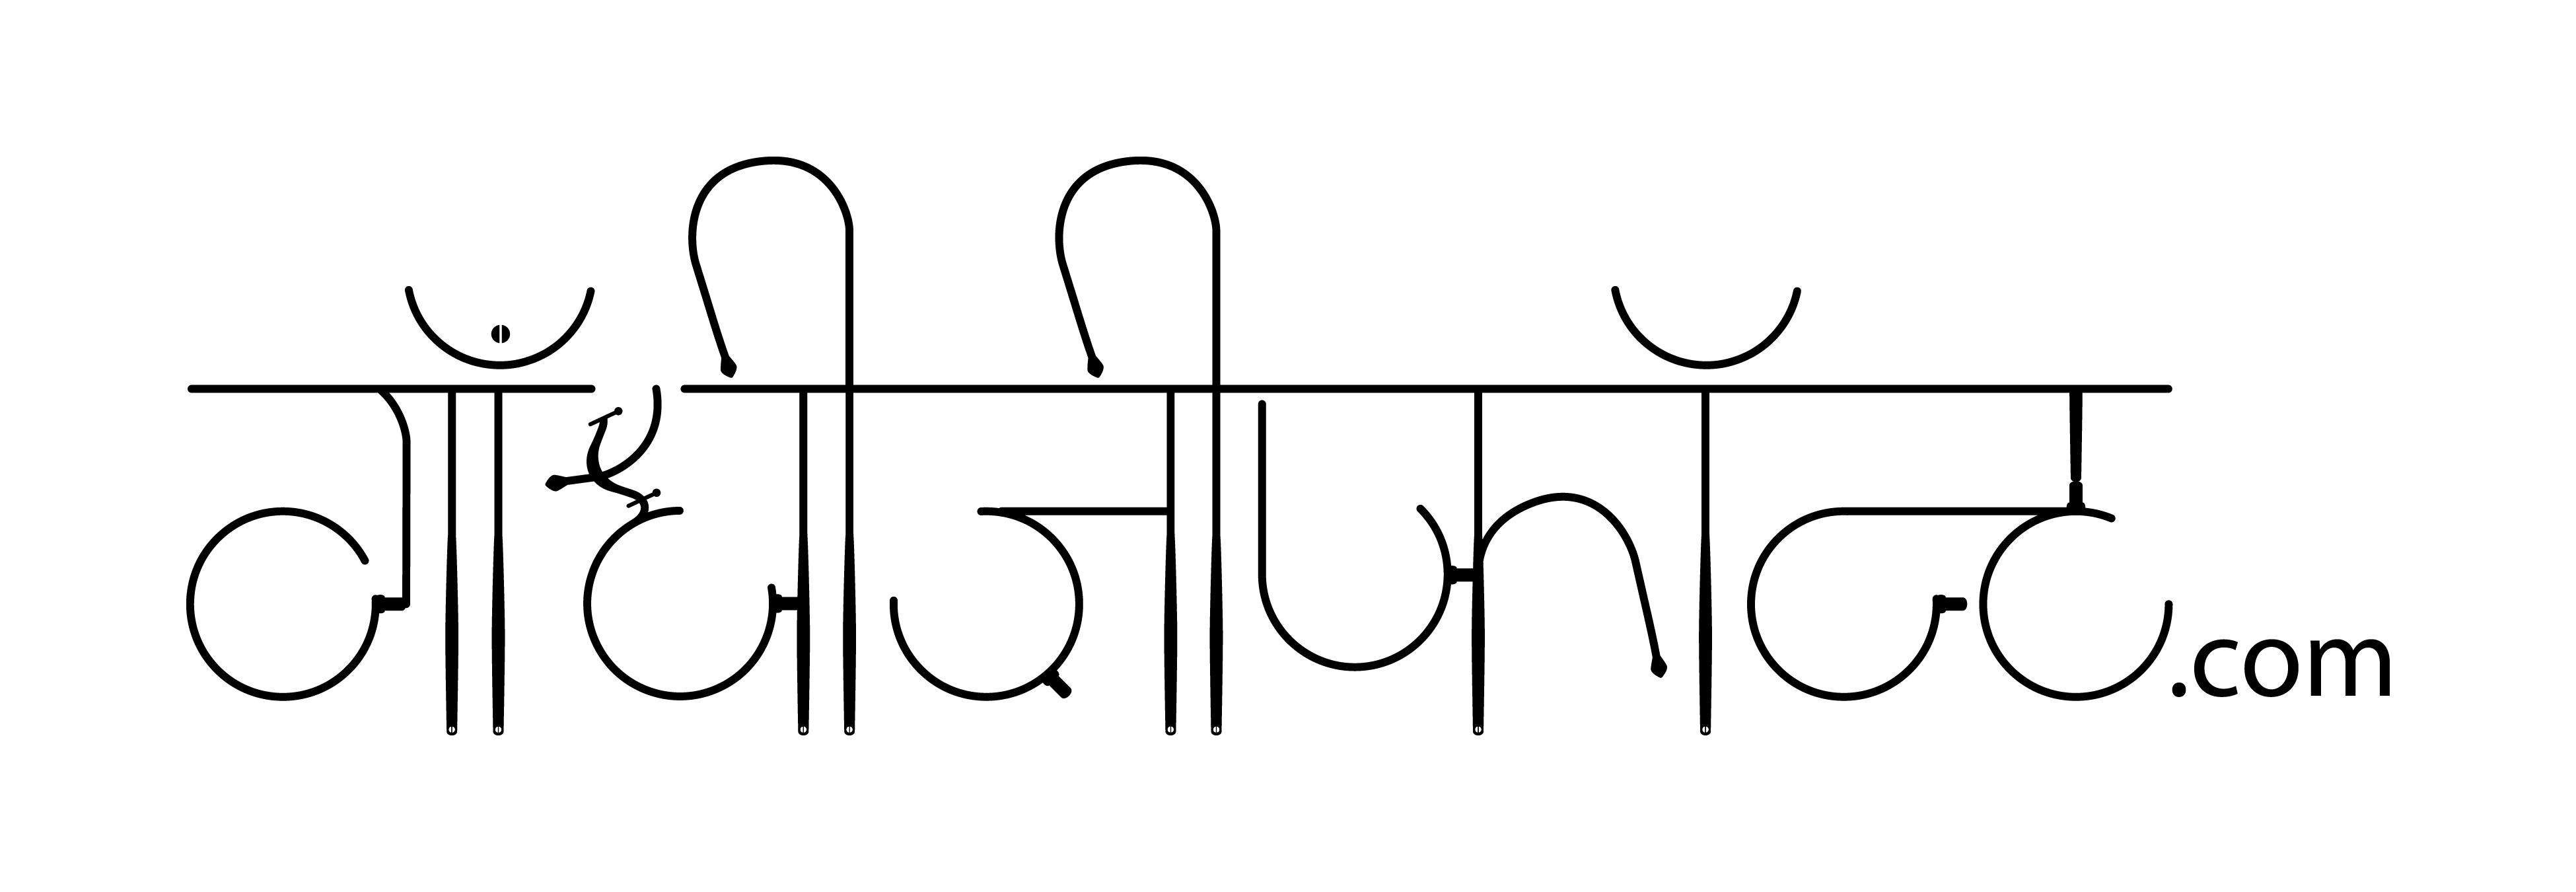 Creation of Gandhi font  | Kvpops's Blog